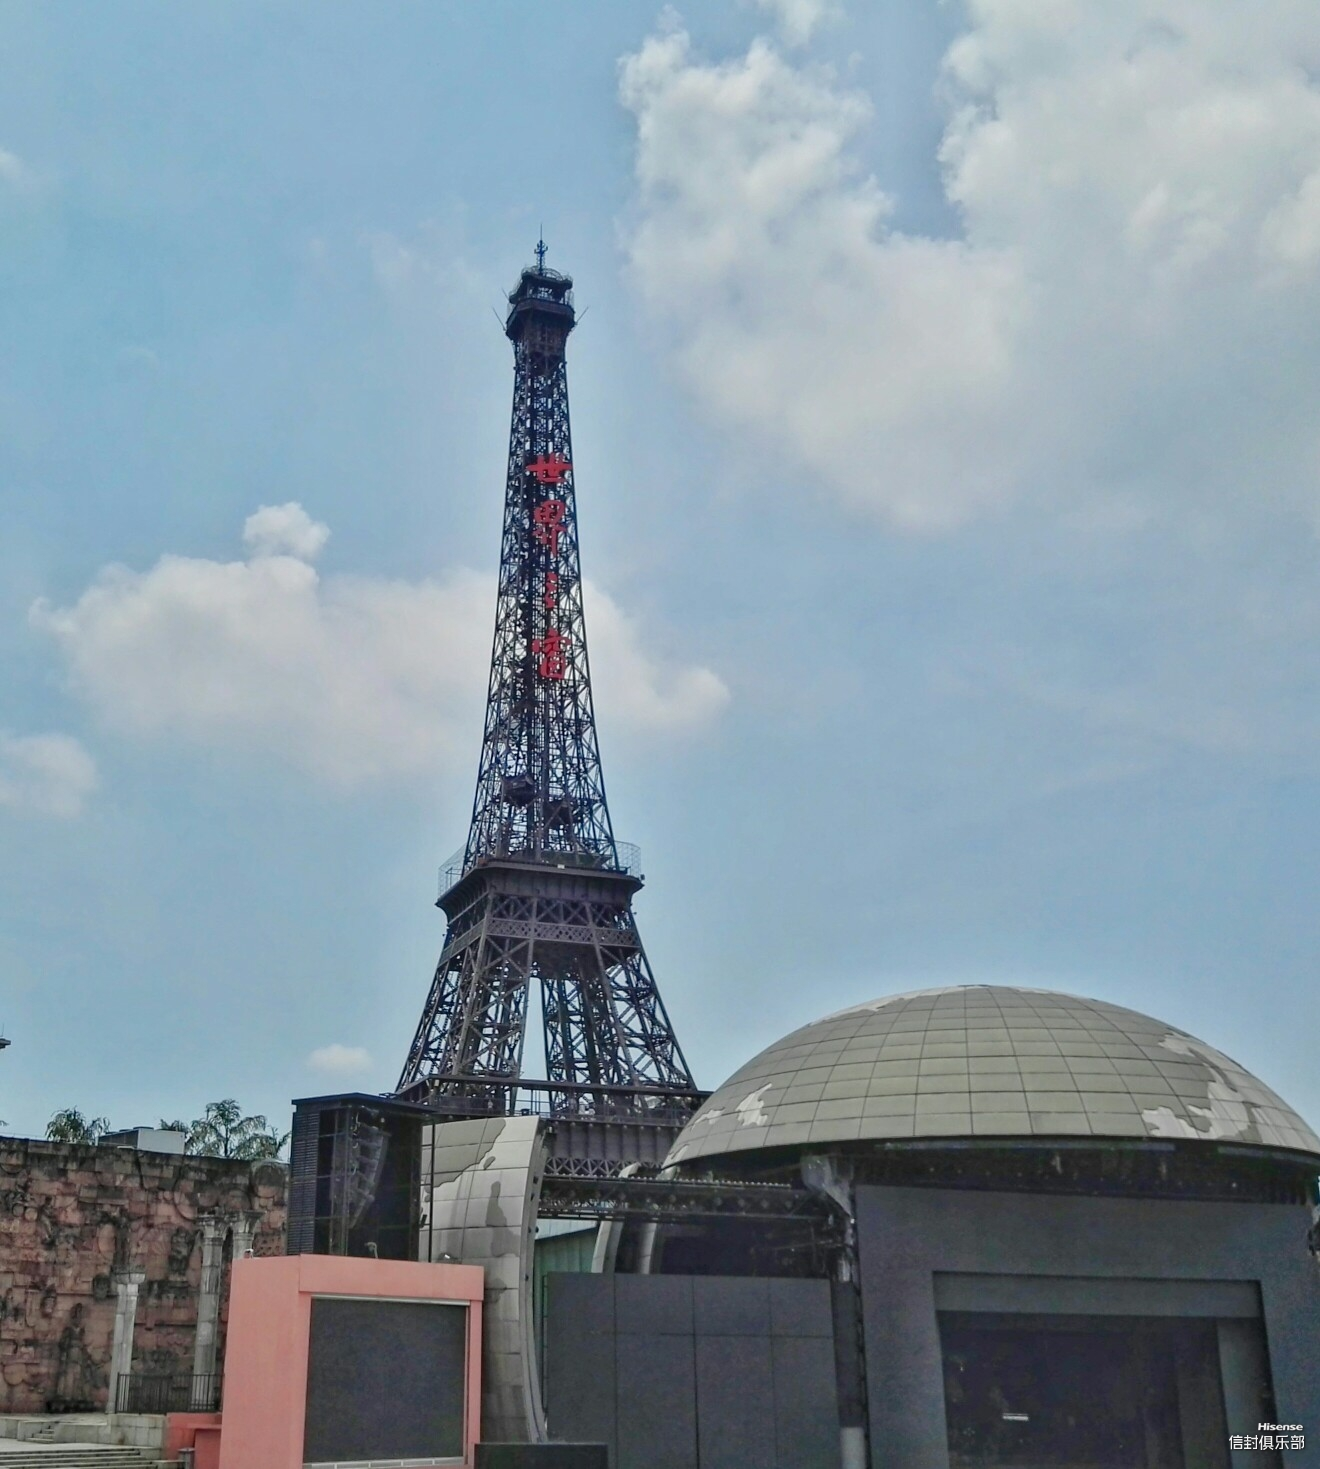 深圳世界之窗里的埃尔菲铁塔